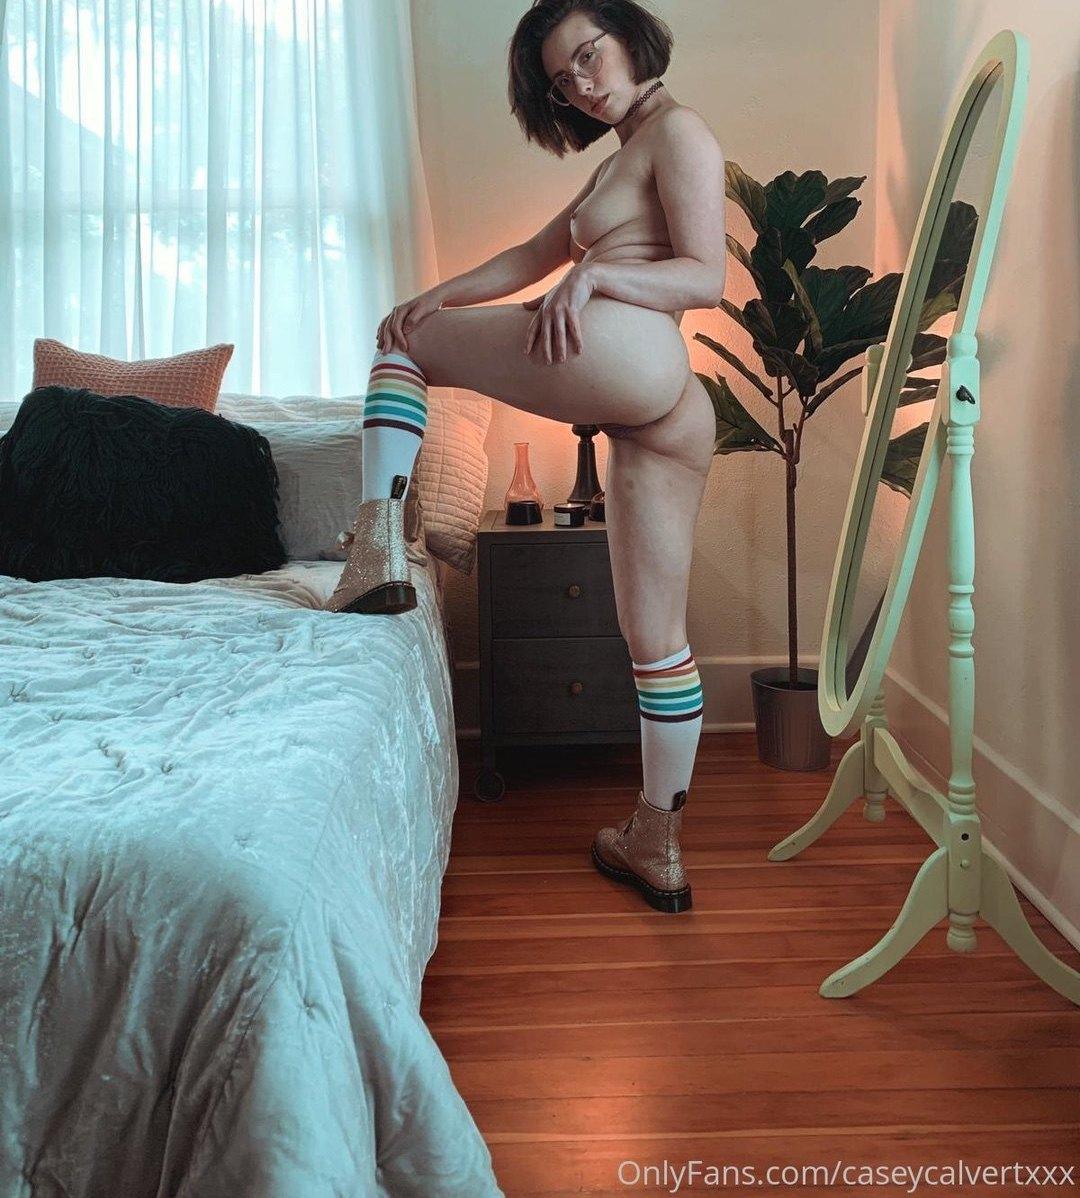 Casey Calvert Caseycalvertxxx Onlyfans Nudes Leaks 0006